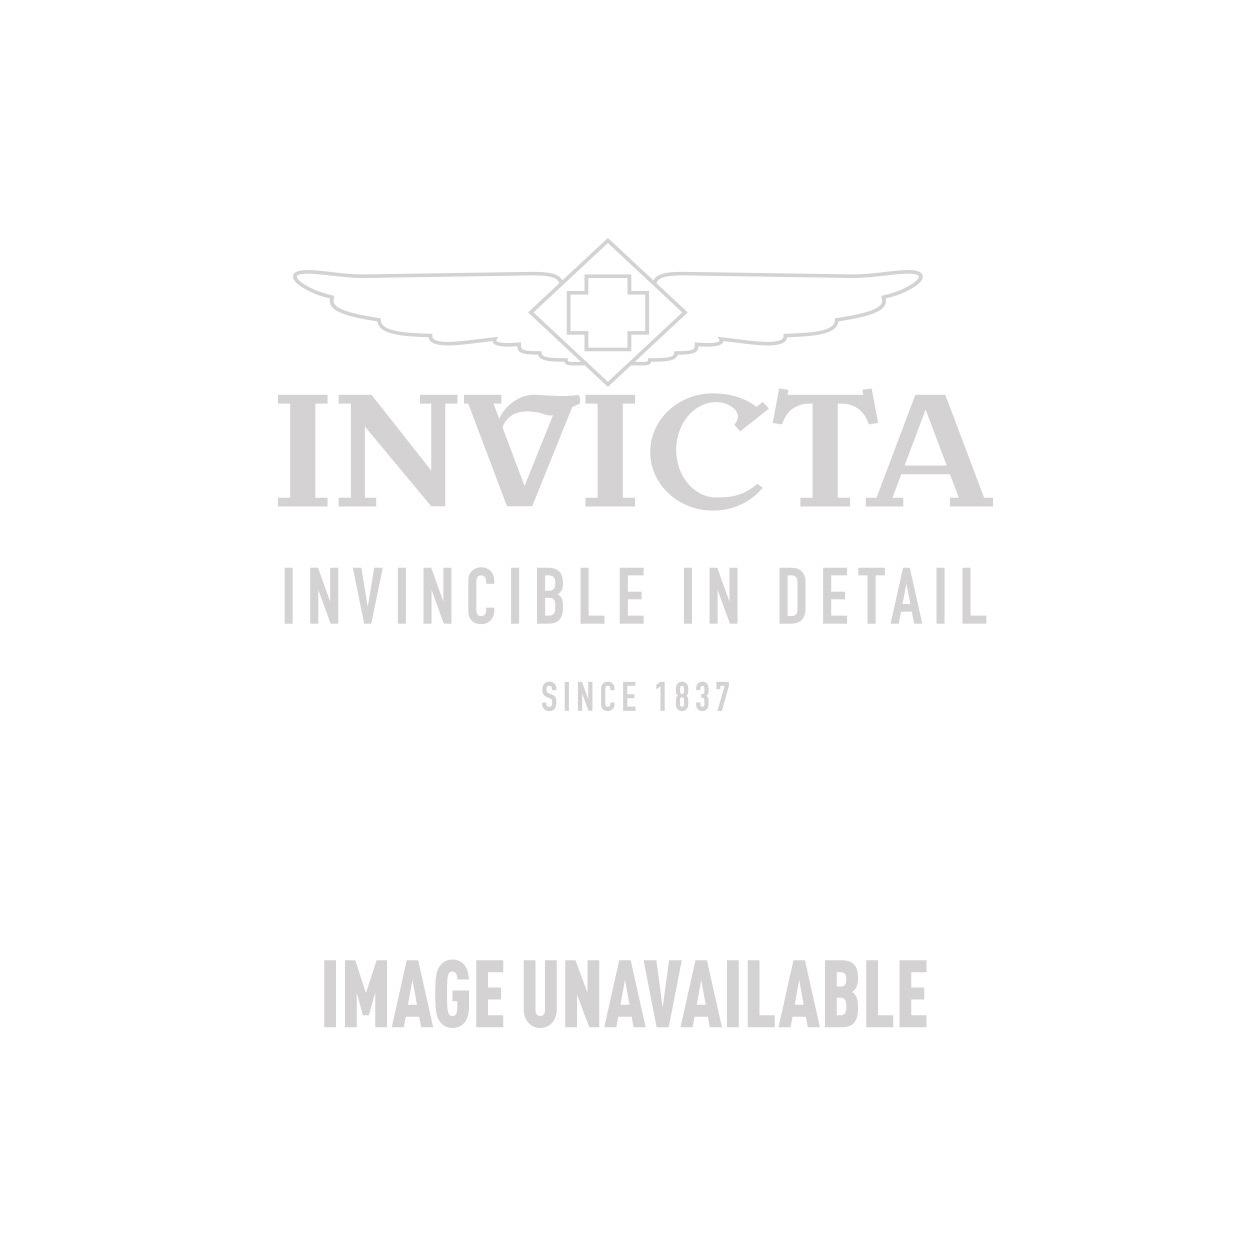 Invicta Model 26779